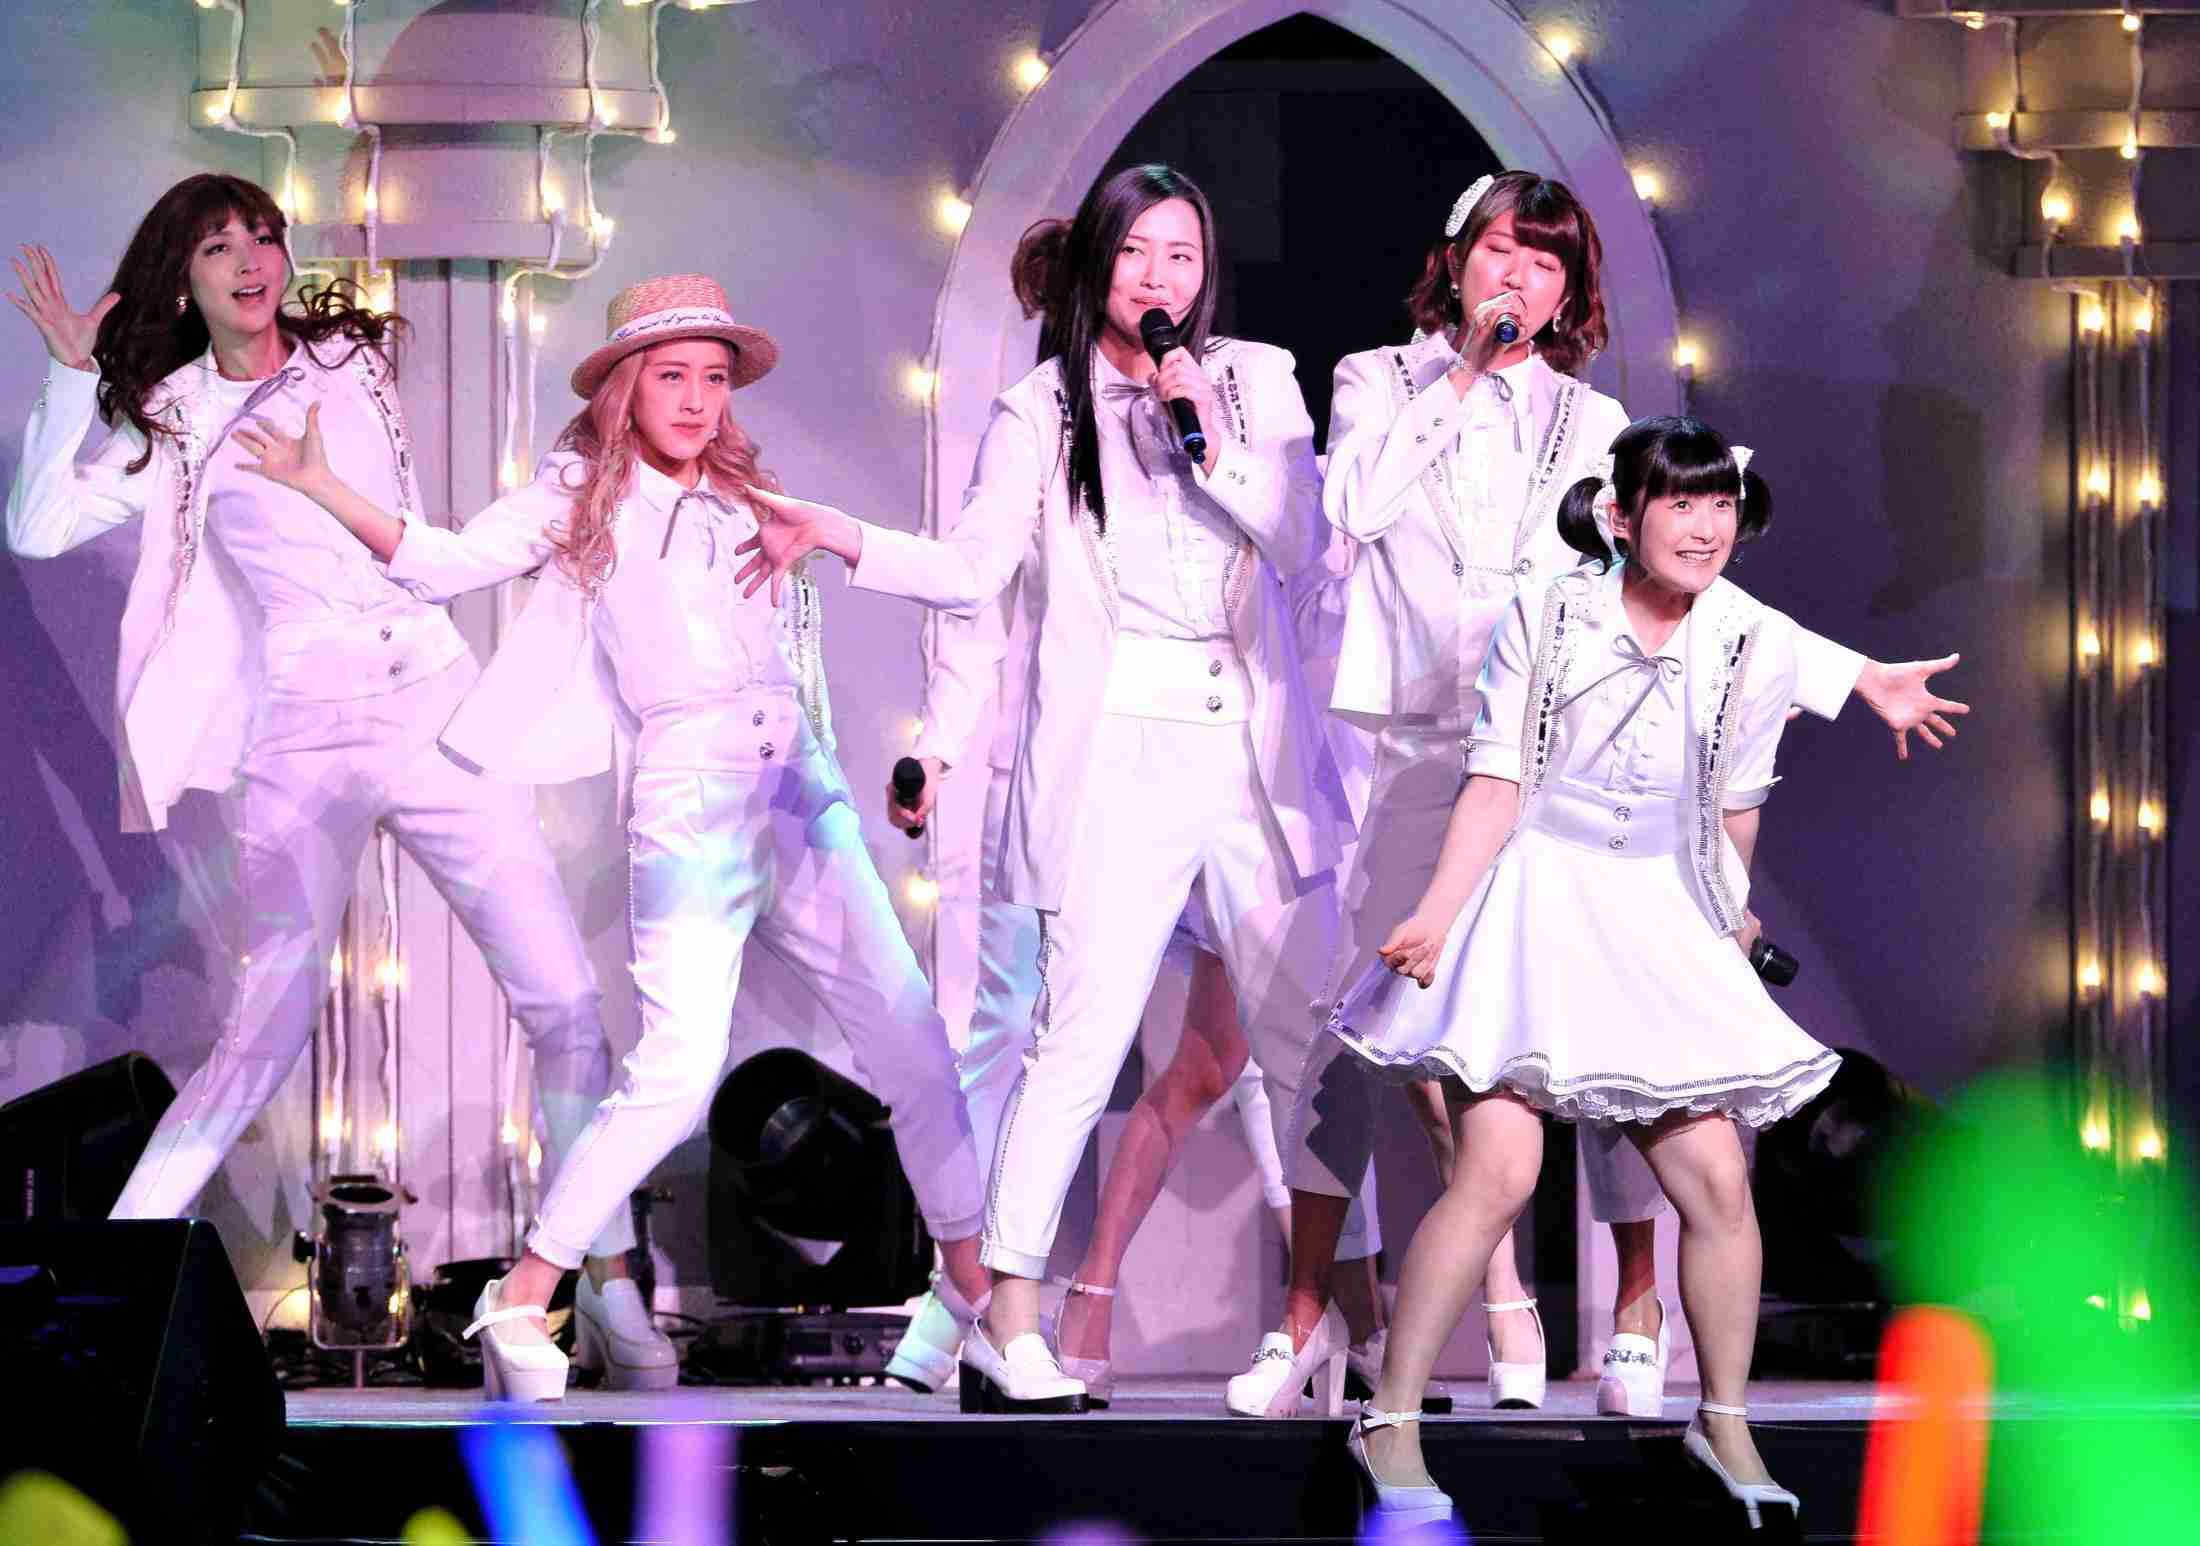 Berryz工房 涙のラストライブ 11年間の活動に終止符 (デイリースポーツ) - Yahoo!ニュース